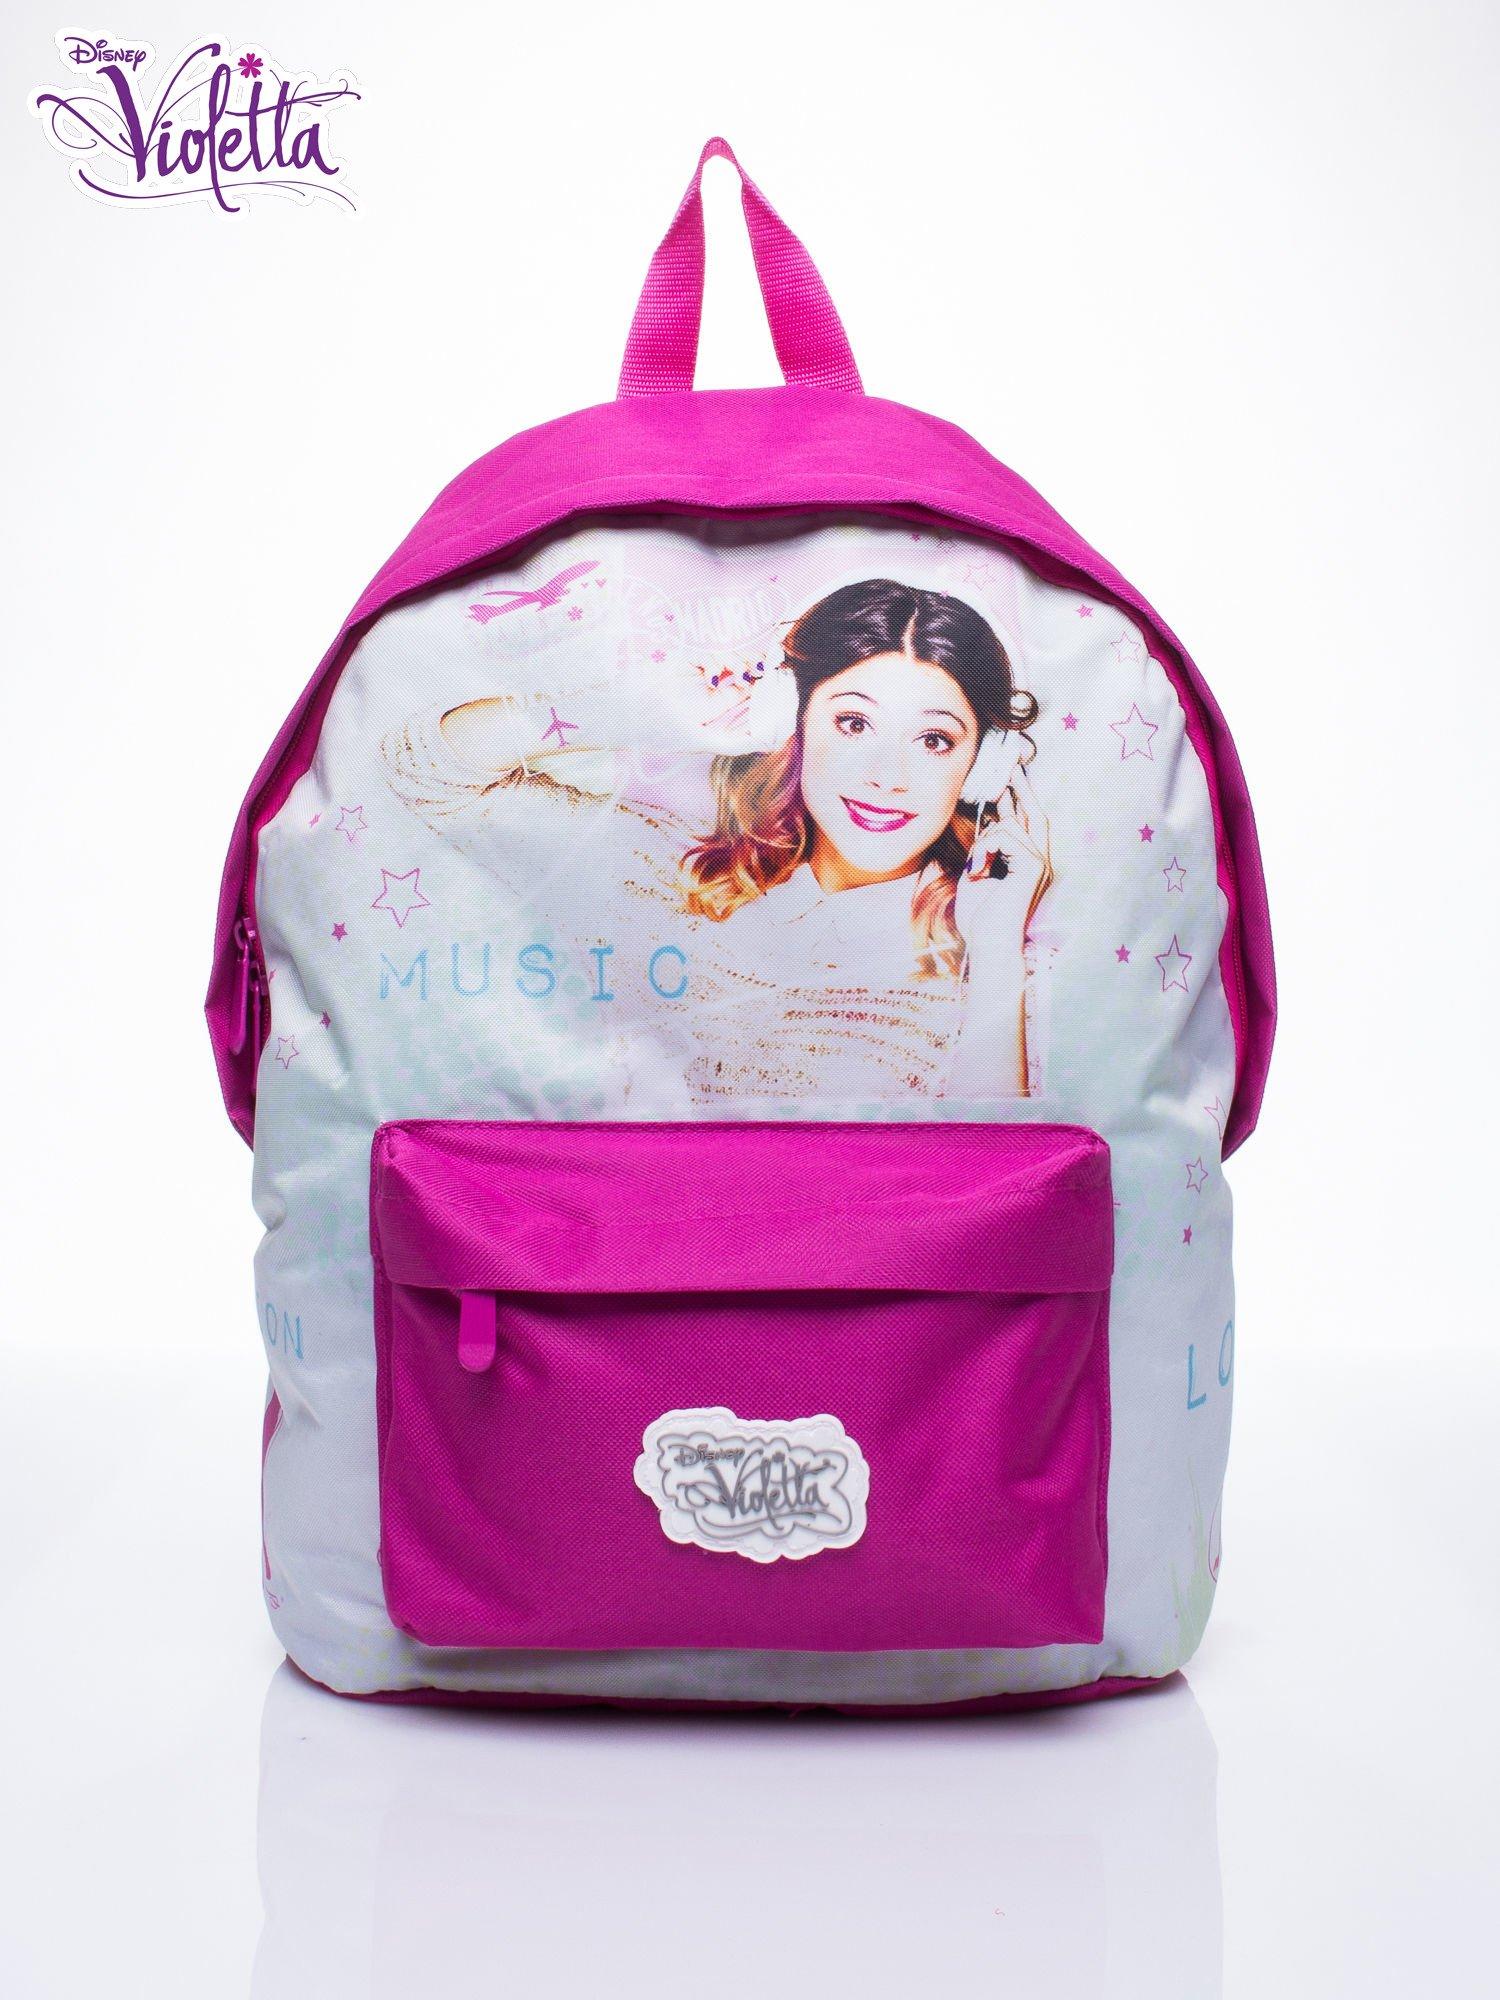 Różowy plecak szkolny DISNEY Violetta                                  zdj.                                  1